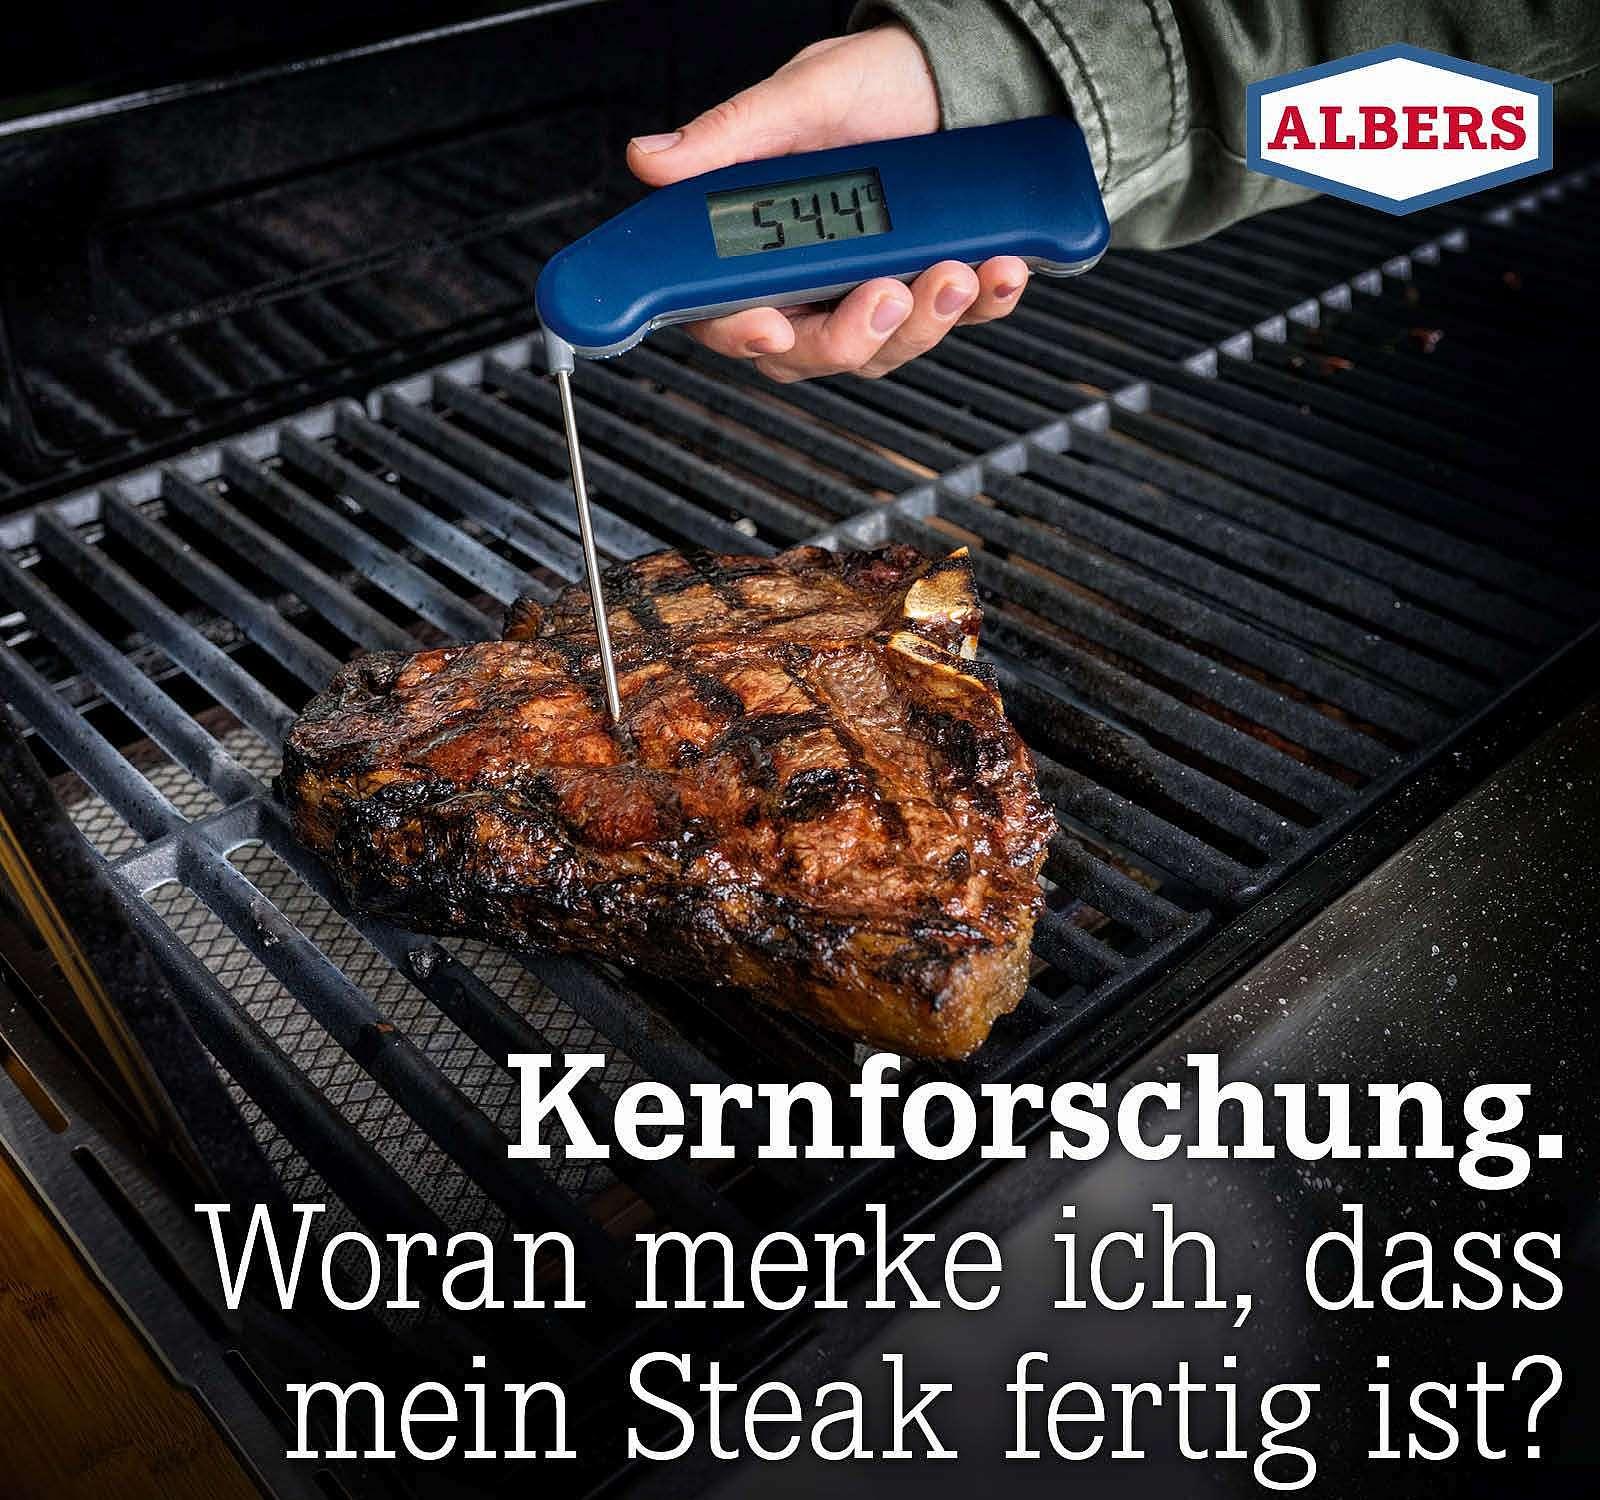 Kernforschung. Woran merke ich, dass mein Steak fertig ist?